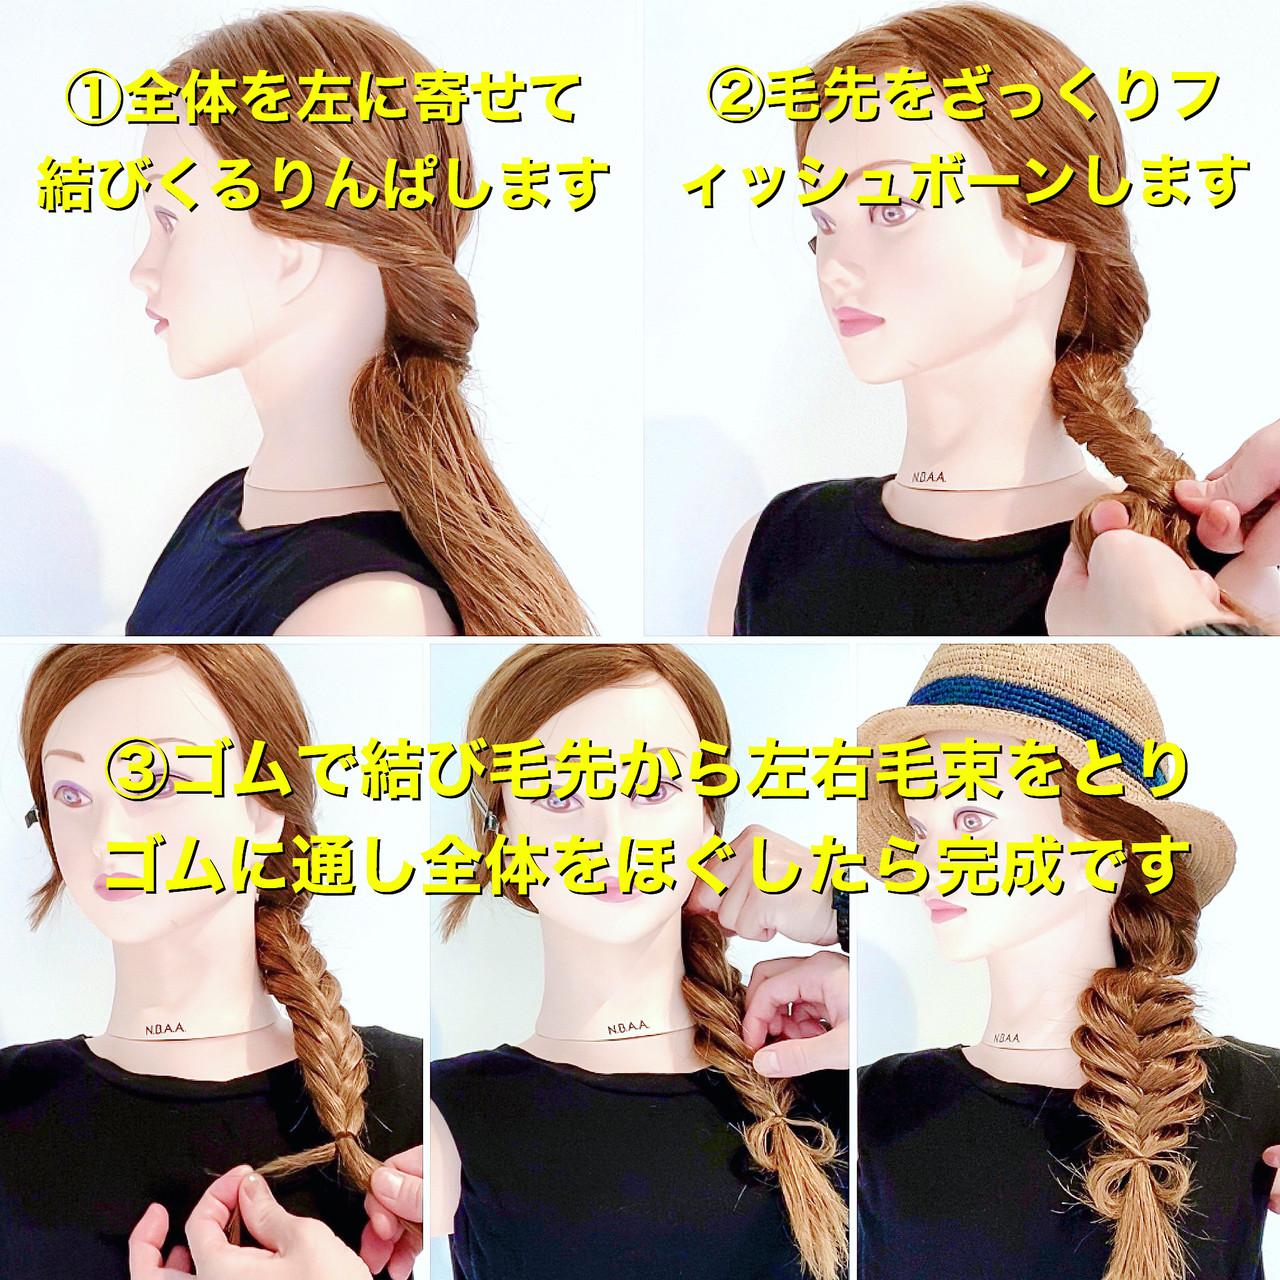 ロング エレガント ヘアアレンジ セルフヘアアレンジ ヘアスタイルや髪型の写真・画像